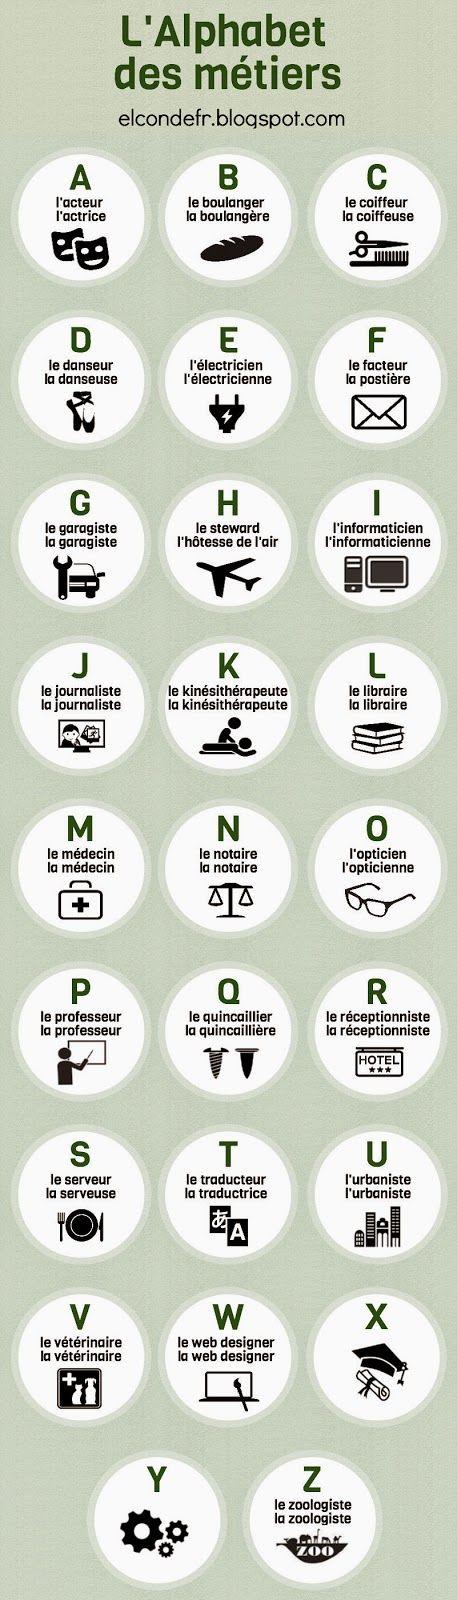 L'alphabet des métiers